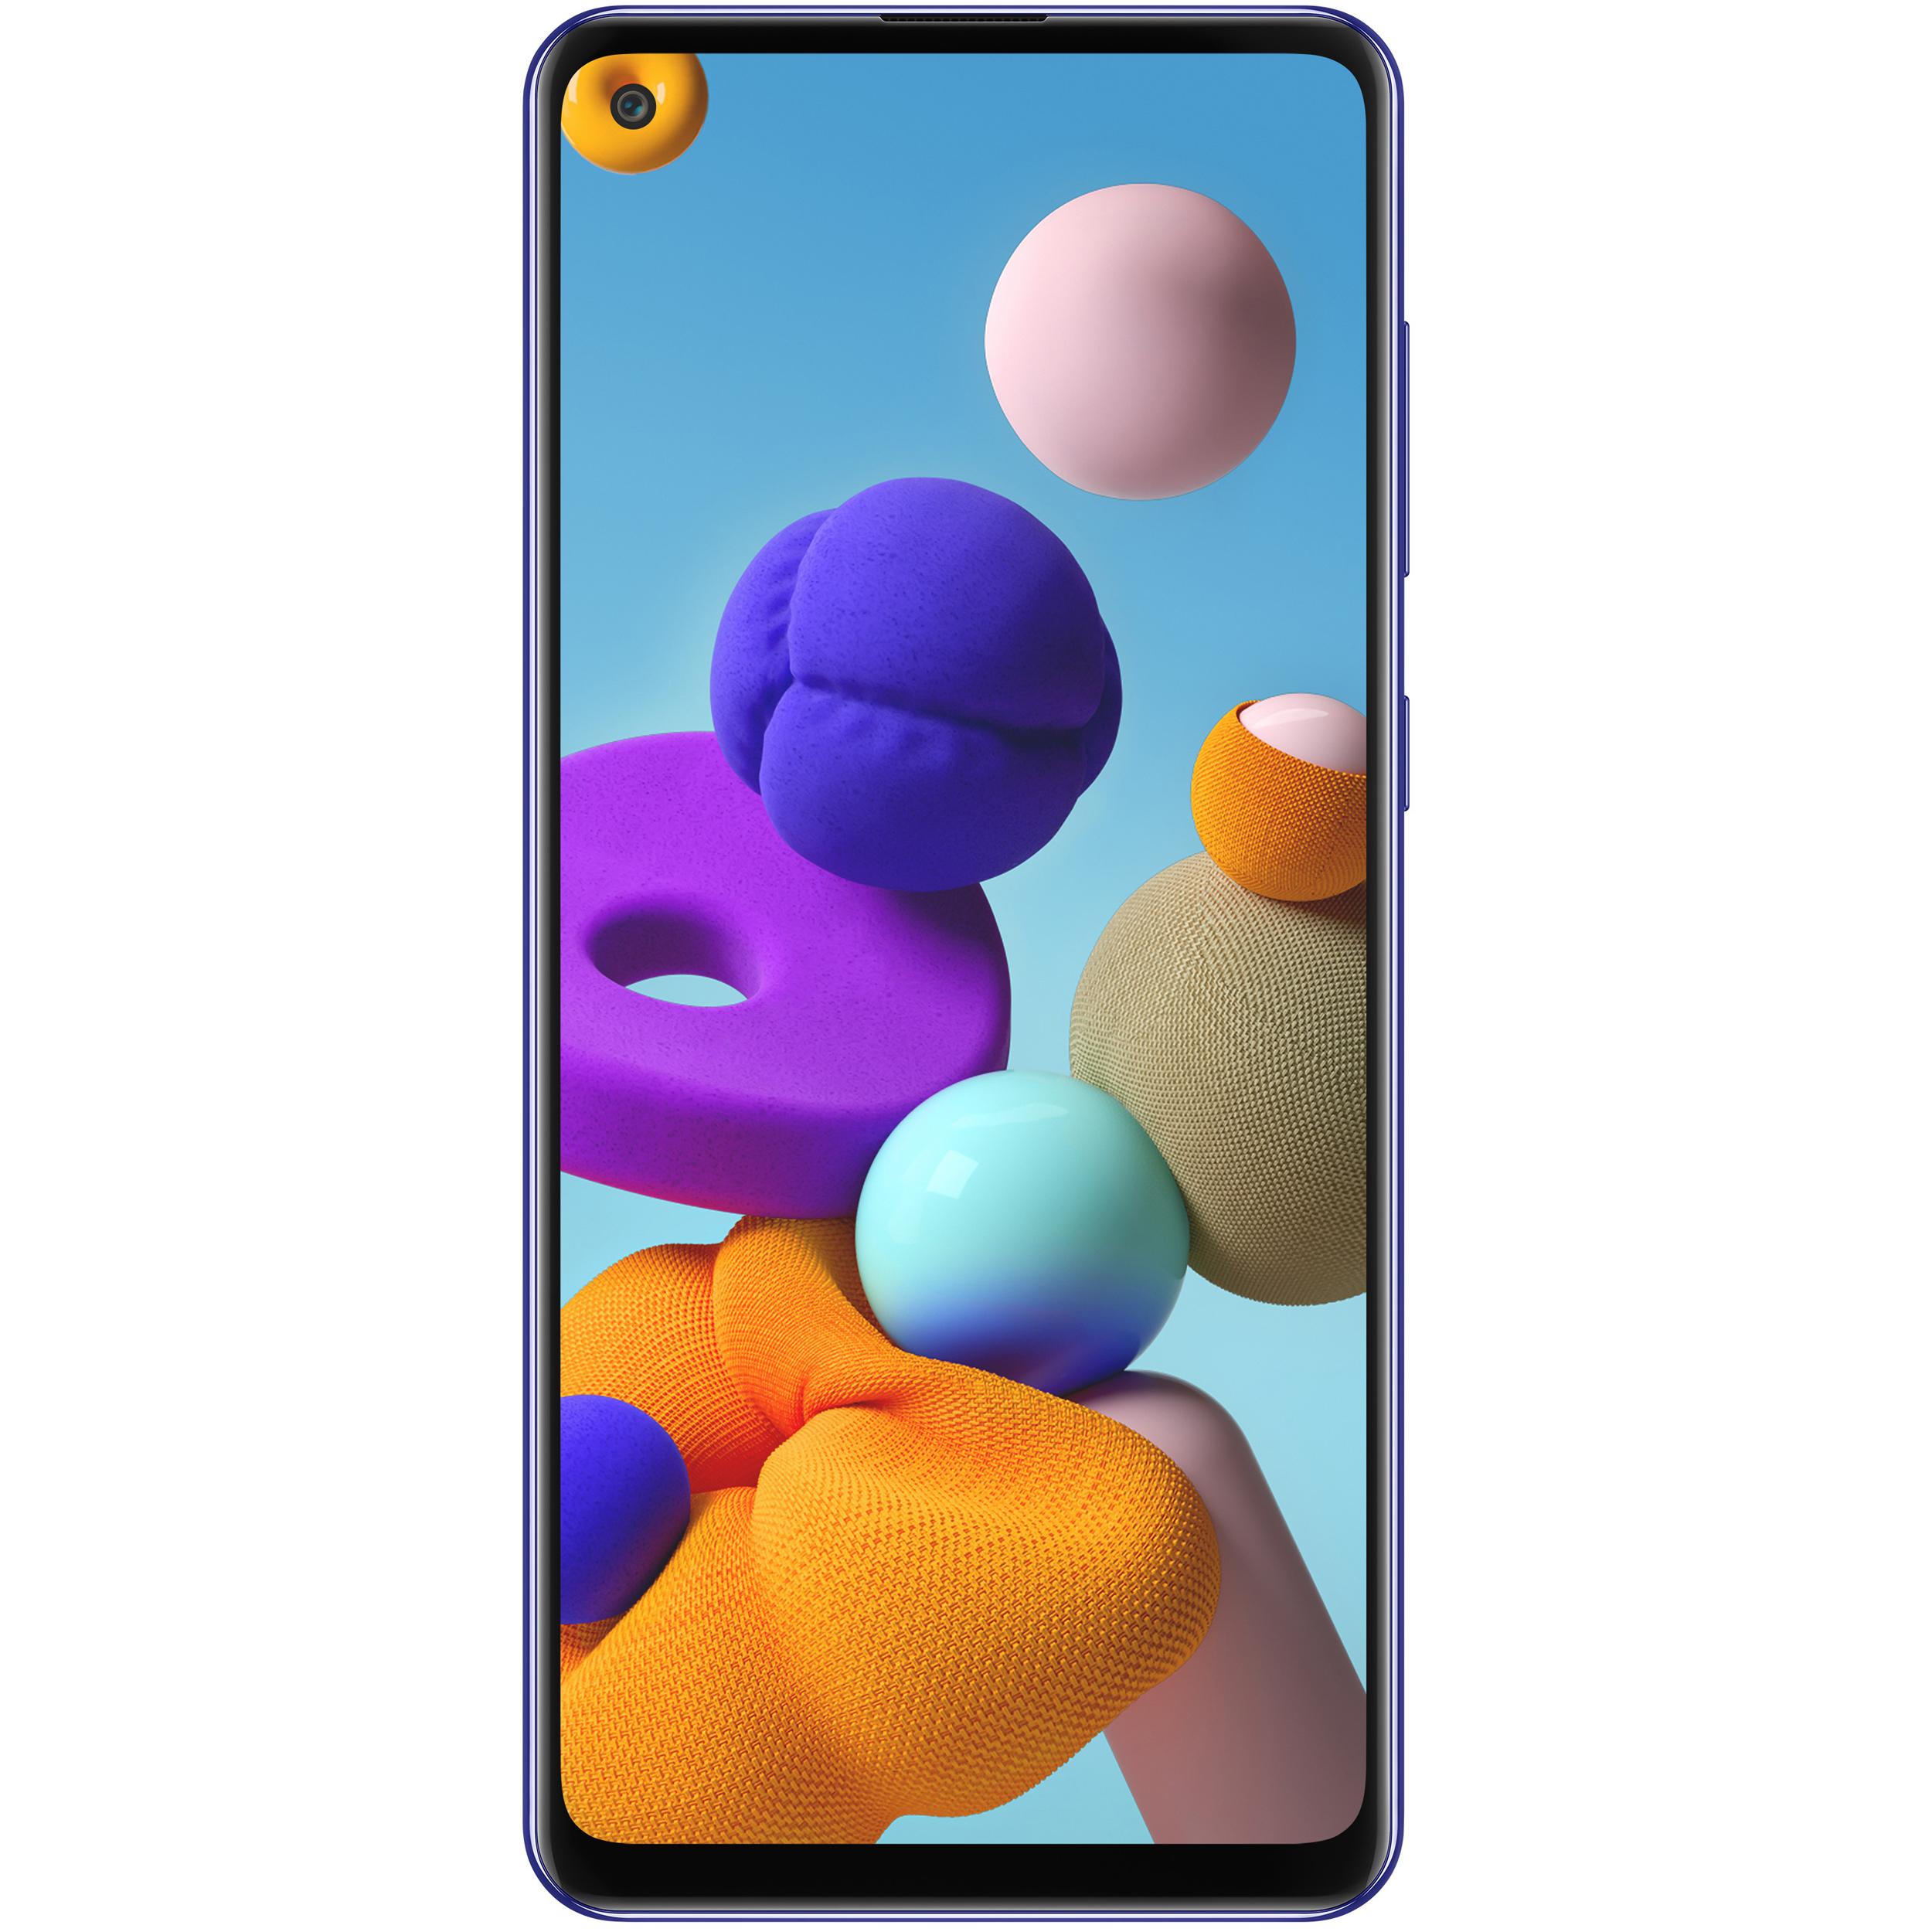 گوشی موبایل سامسونگ مدل Galaxy A21S SM-A217F/DS دو سیمکارت ظرفیت 64 گیگابایت